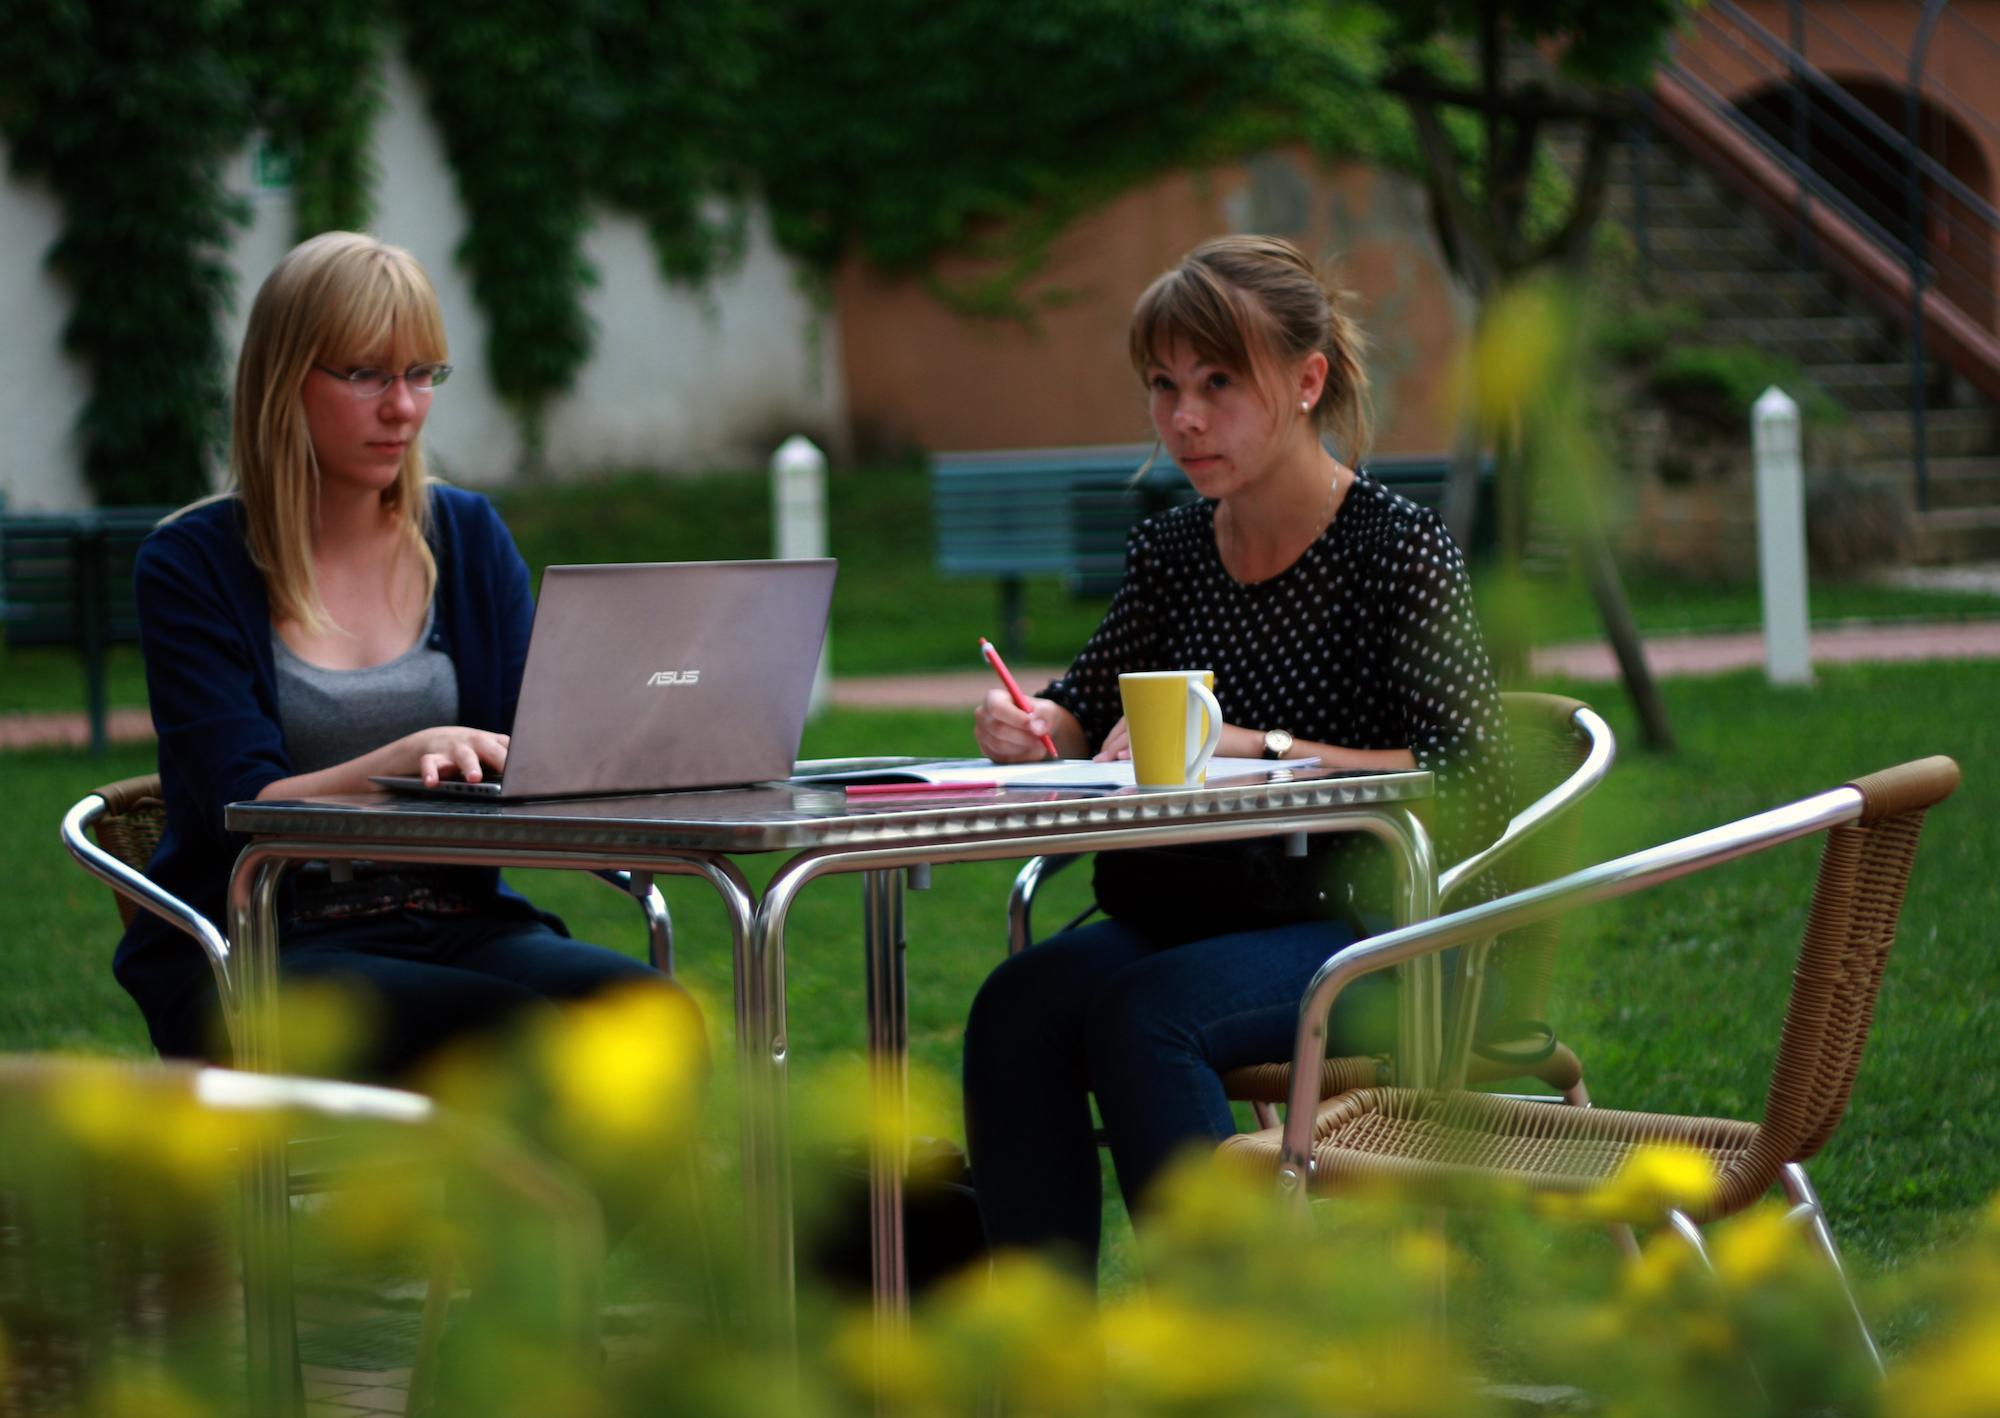 Dwie kobiety siedzą przy stole, jedna pracuje przy laptopie, druga robi notatki w zeszycie